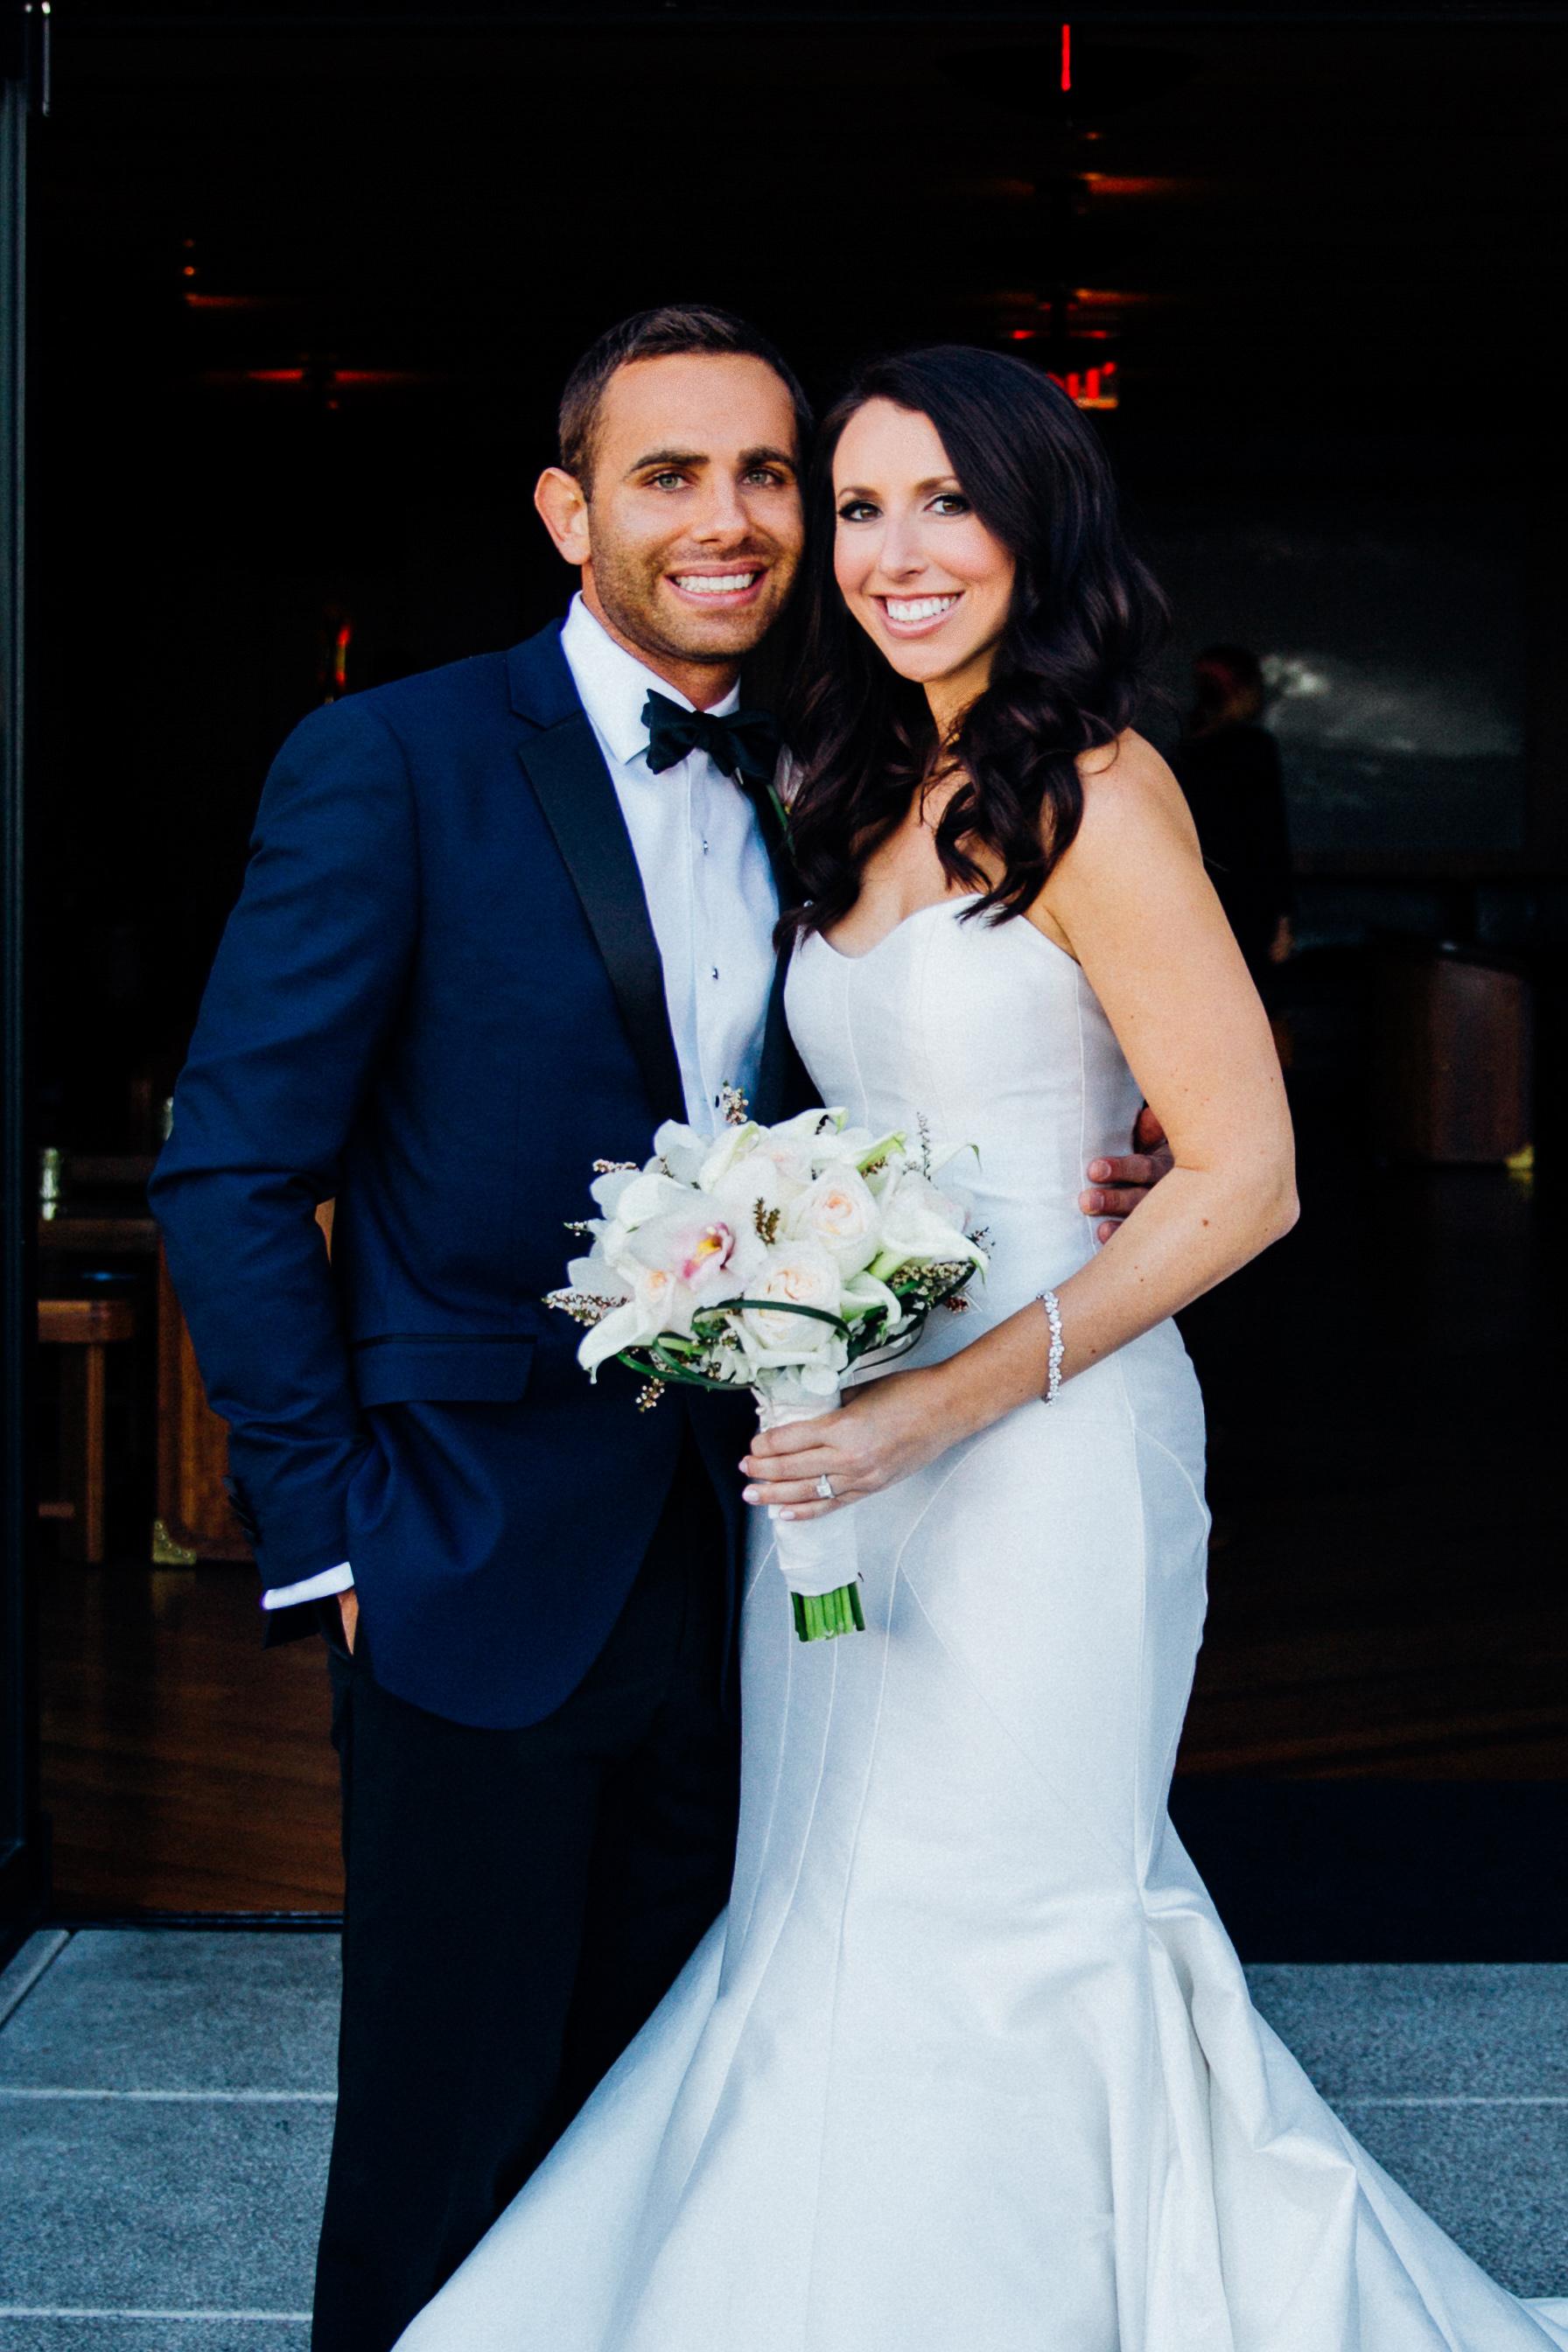 Shira and Adam Wedding_0201_Full Res.jpg